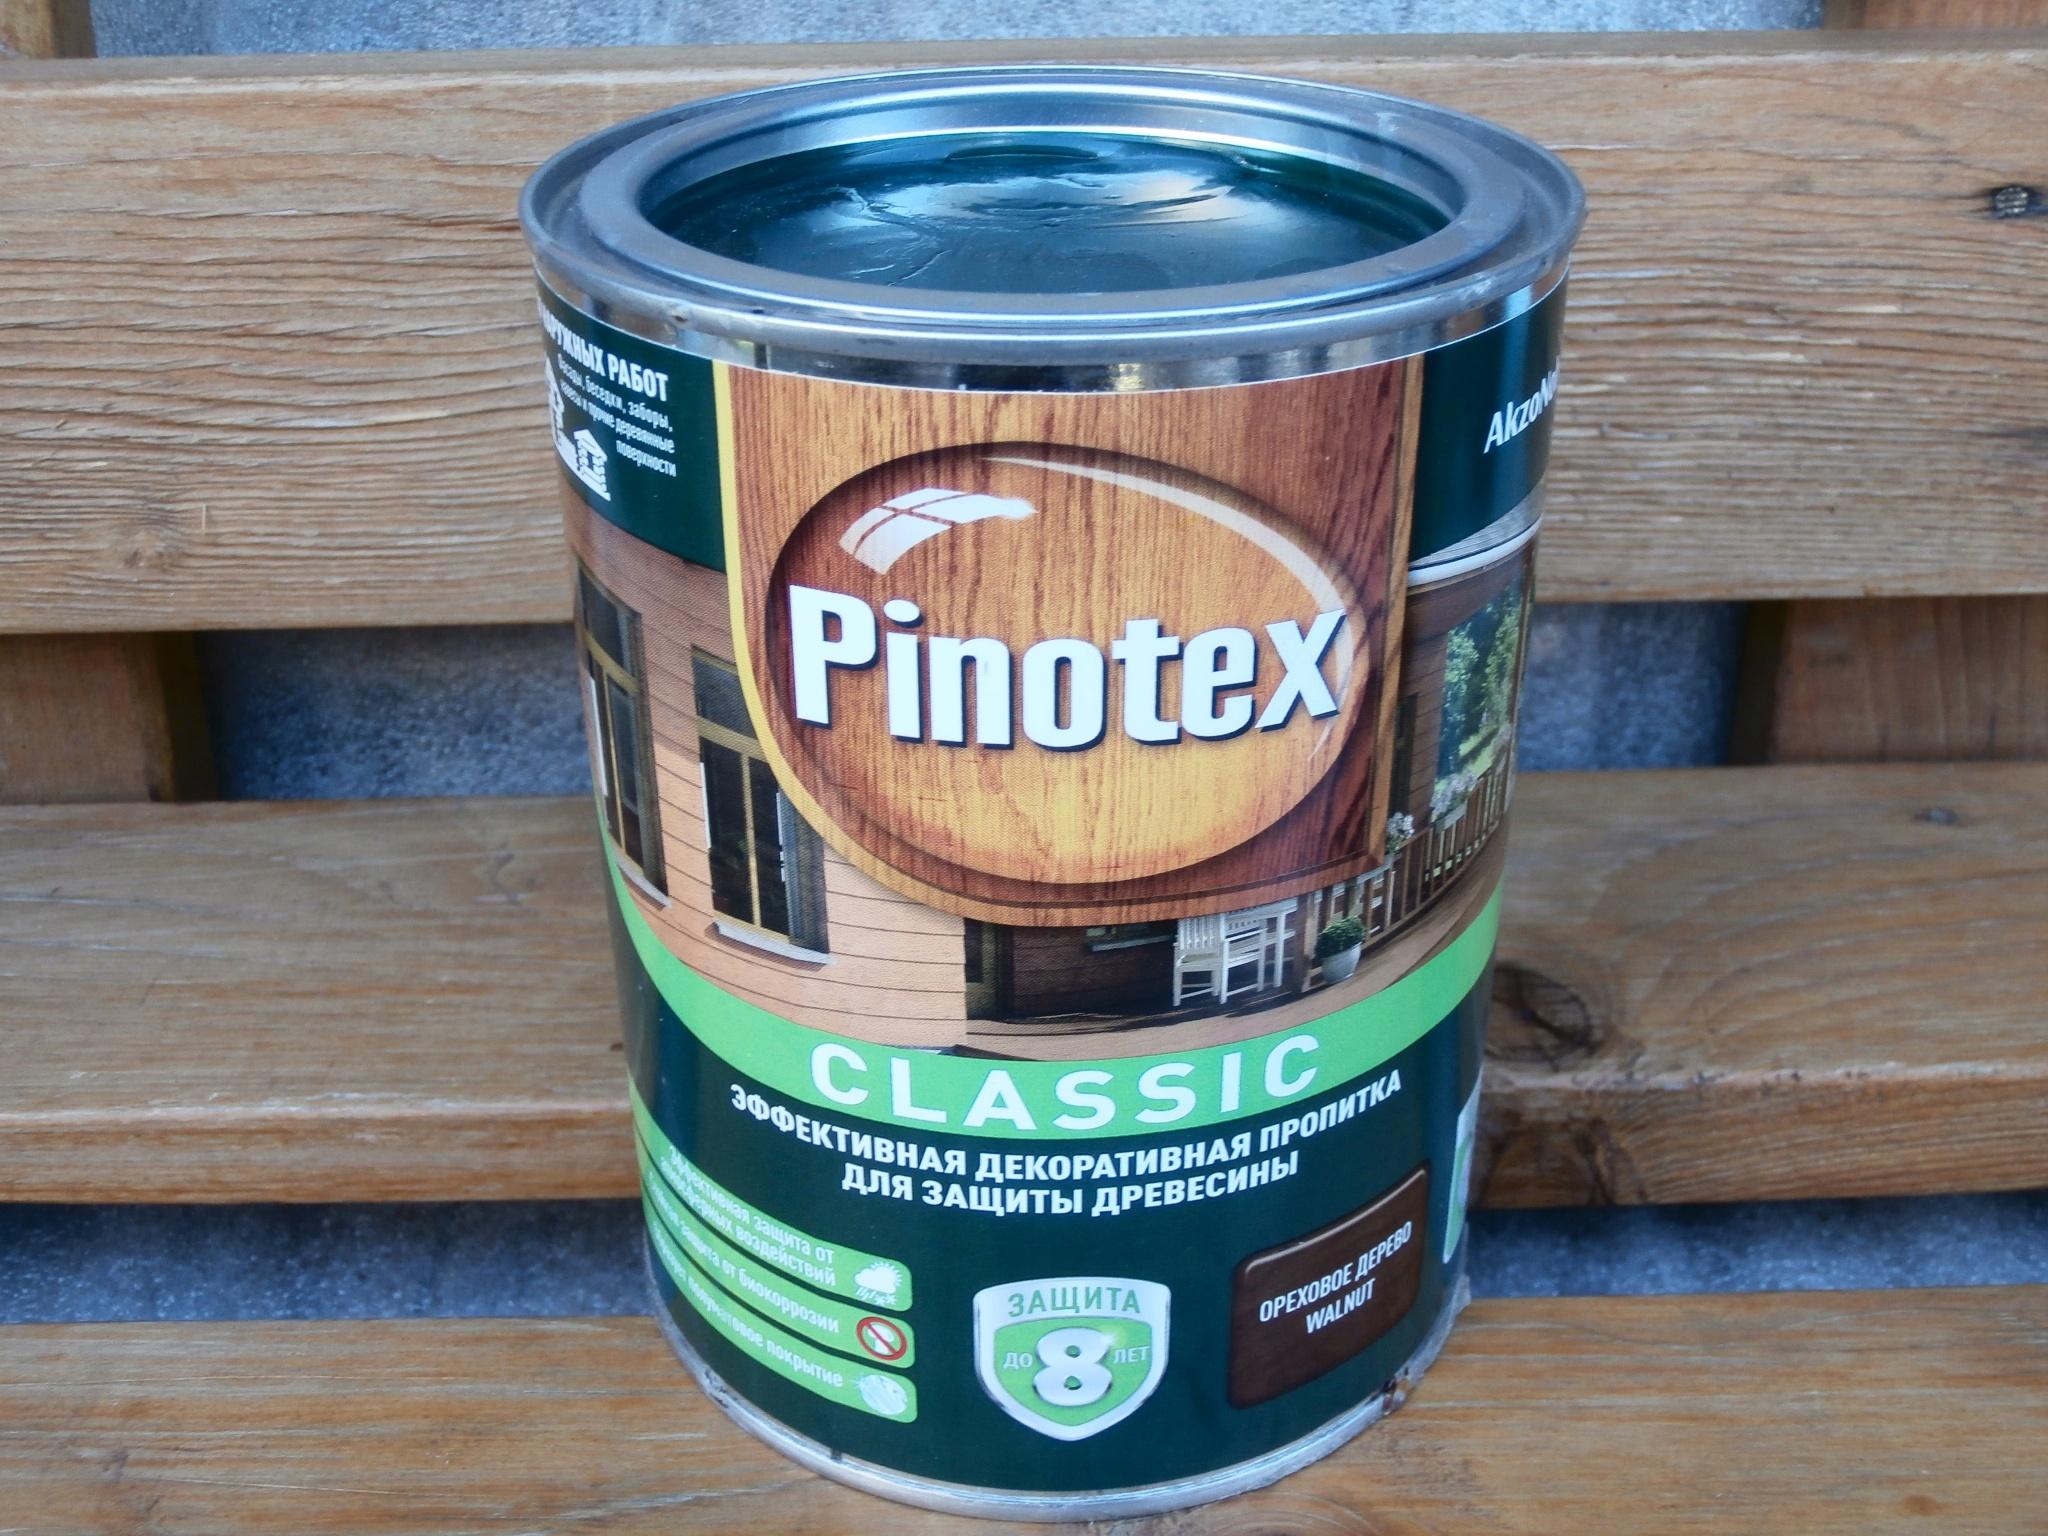 Фото пропитки Pinotex